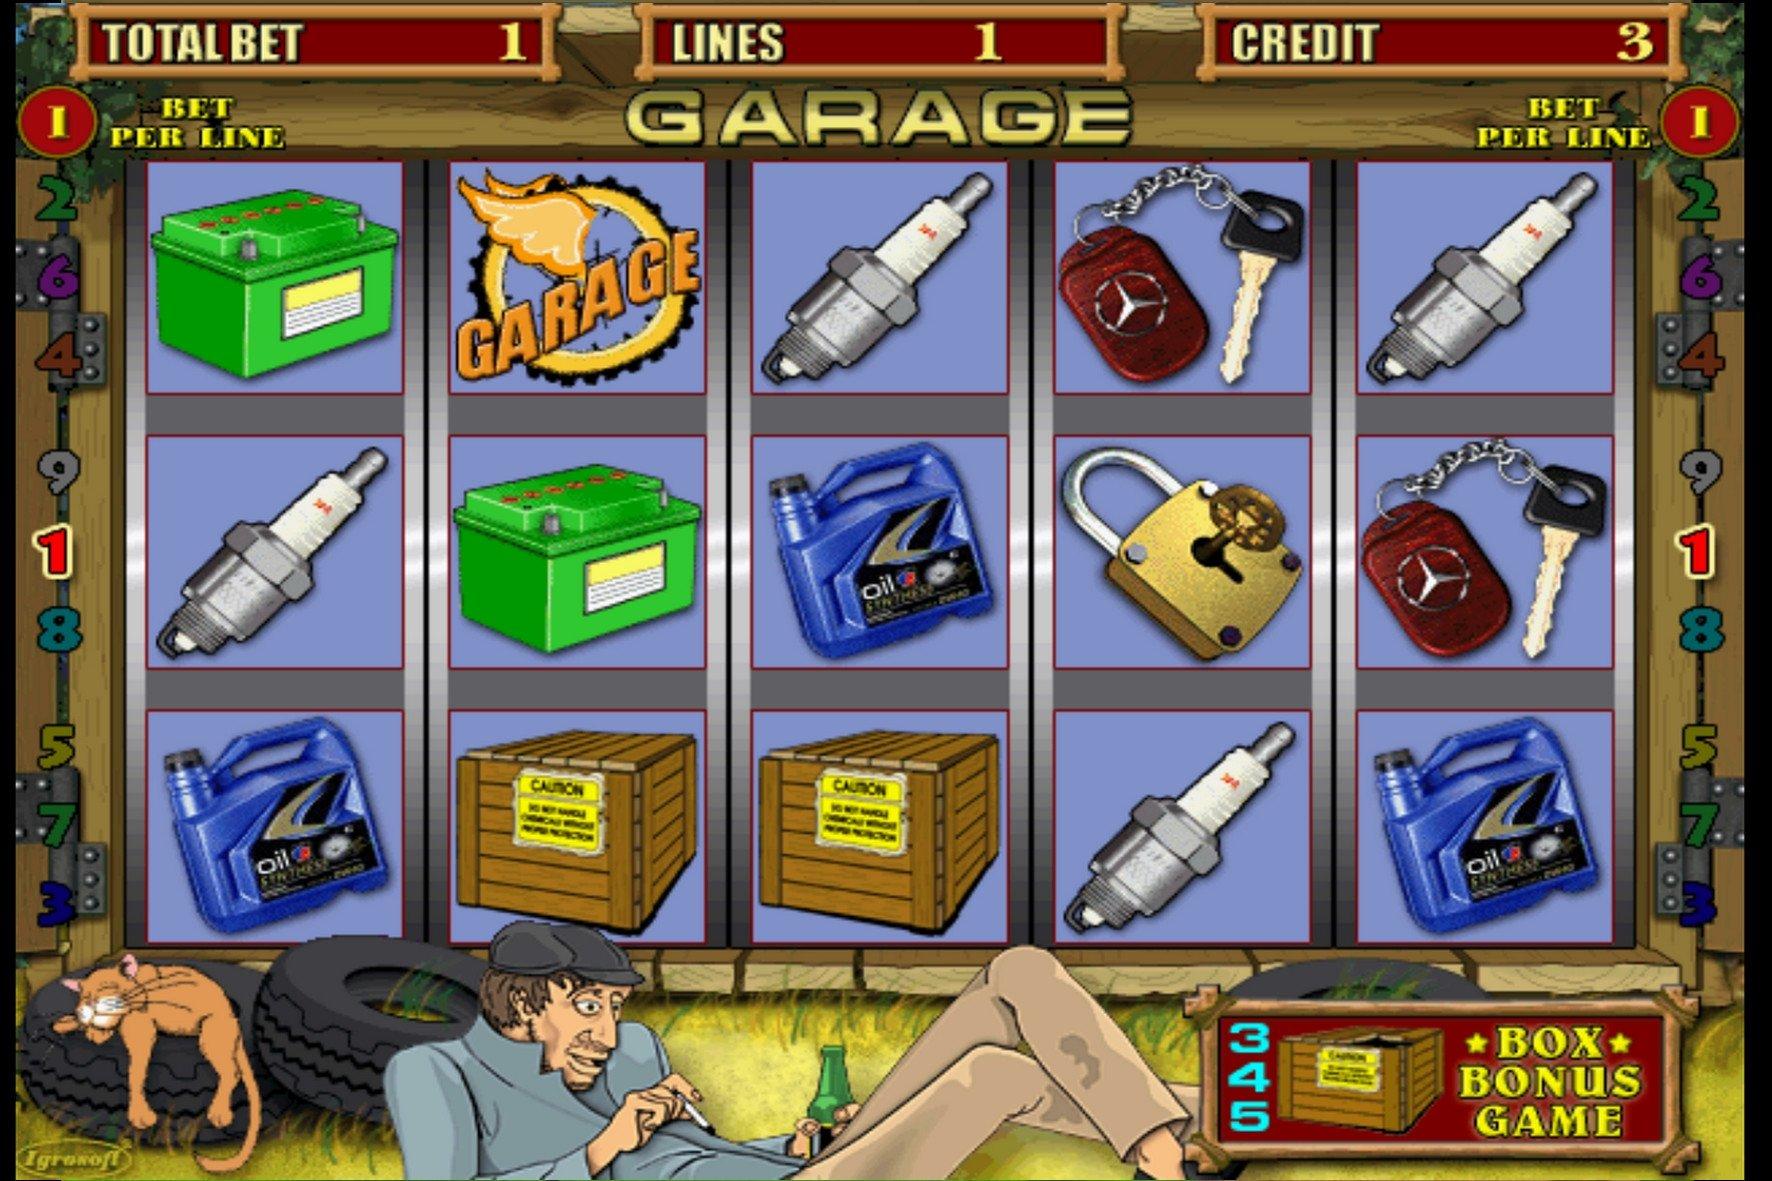 € sin riesgo en el casino mejores trucos para tragamonedas-897597